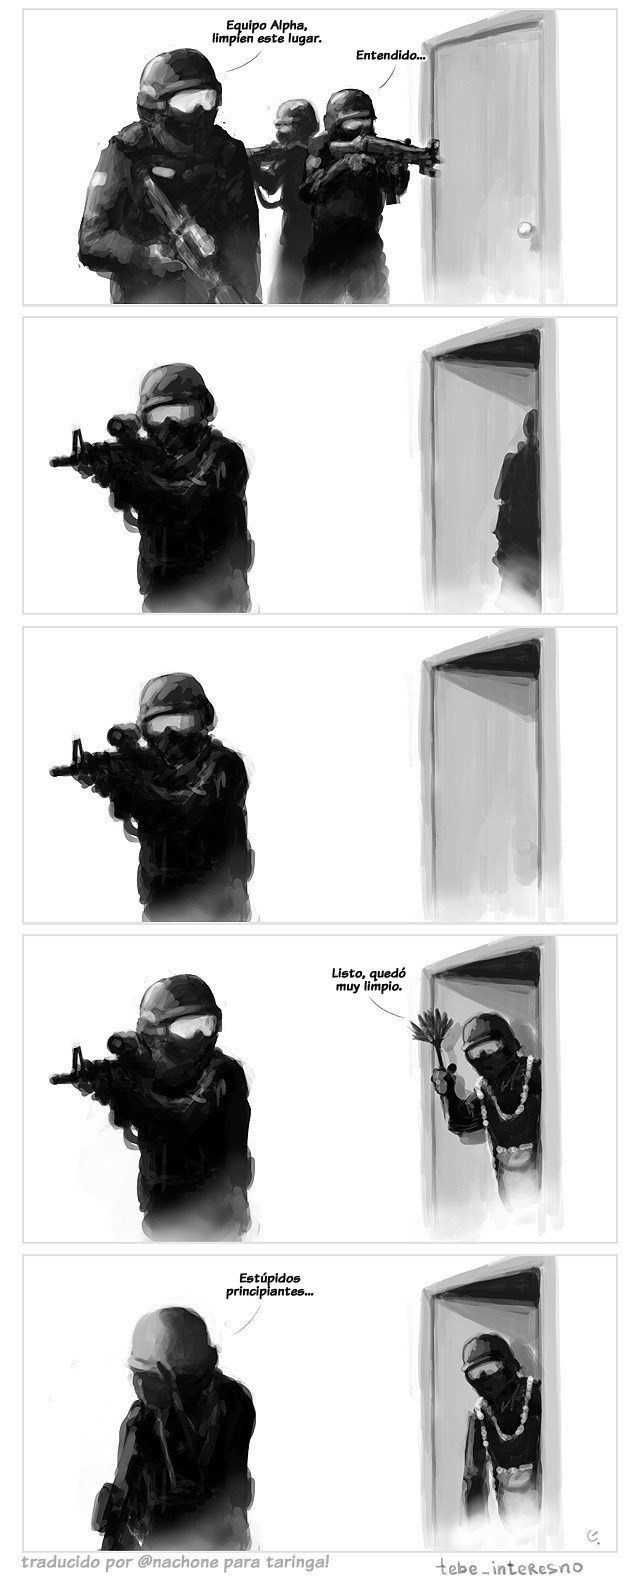 soldado le pide a otro que limpie el lugar